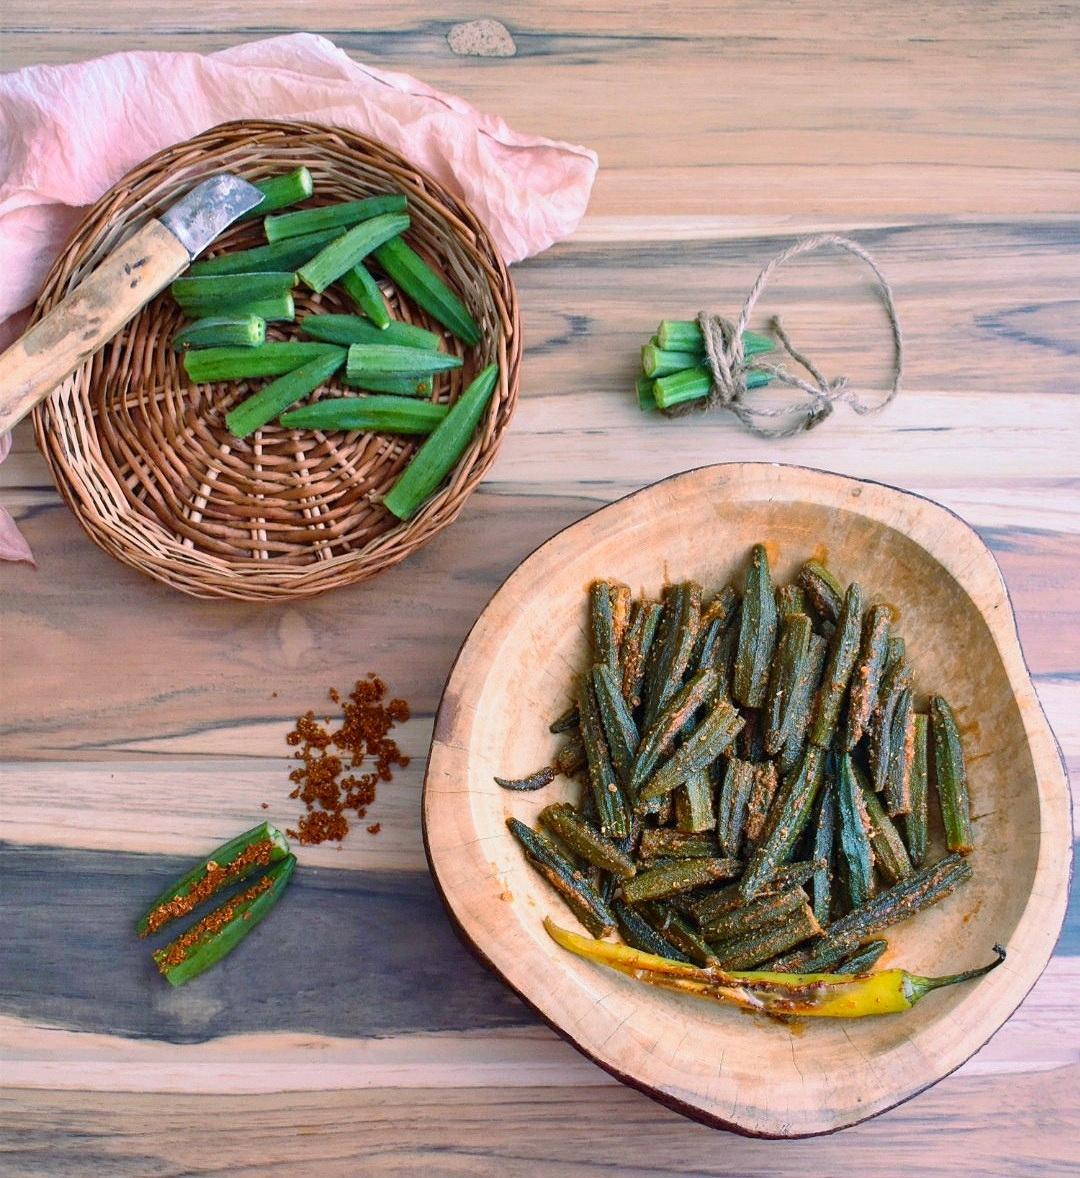 bharva bhindi recipe